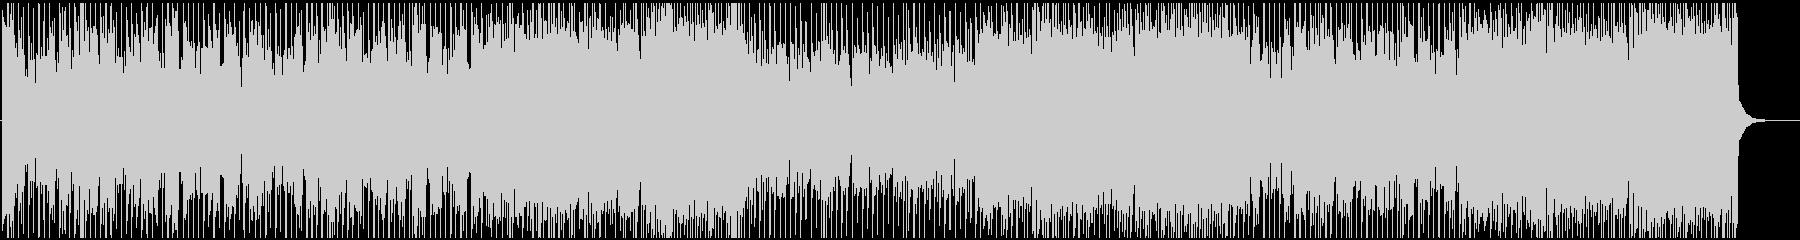 明るいくエネルギッシュなBGMの未再生の波形